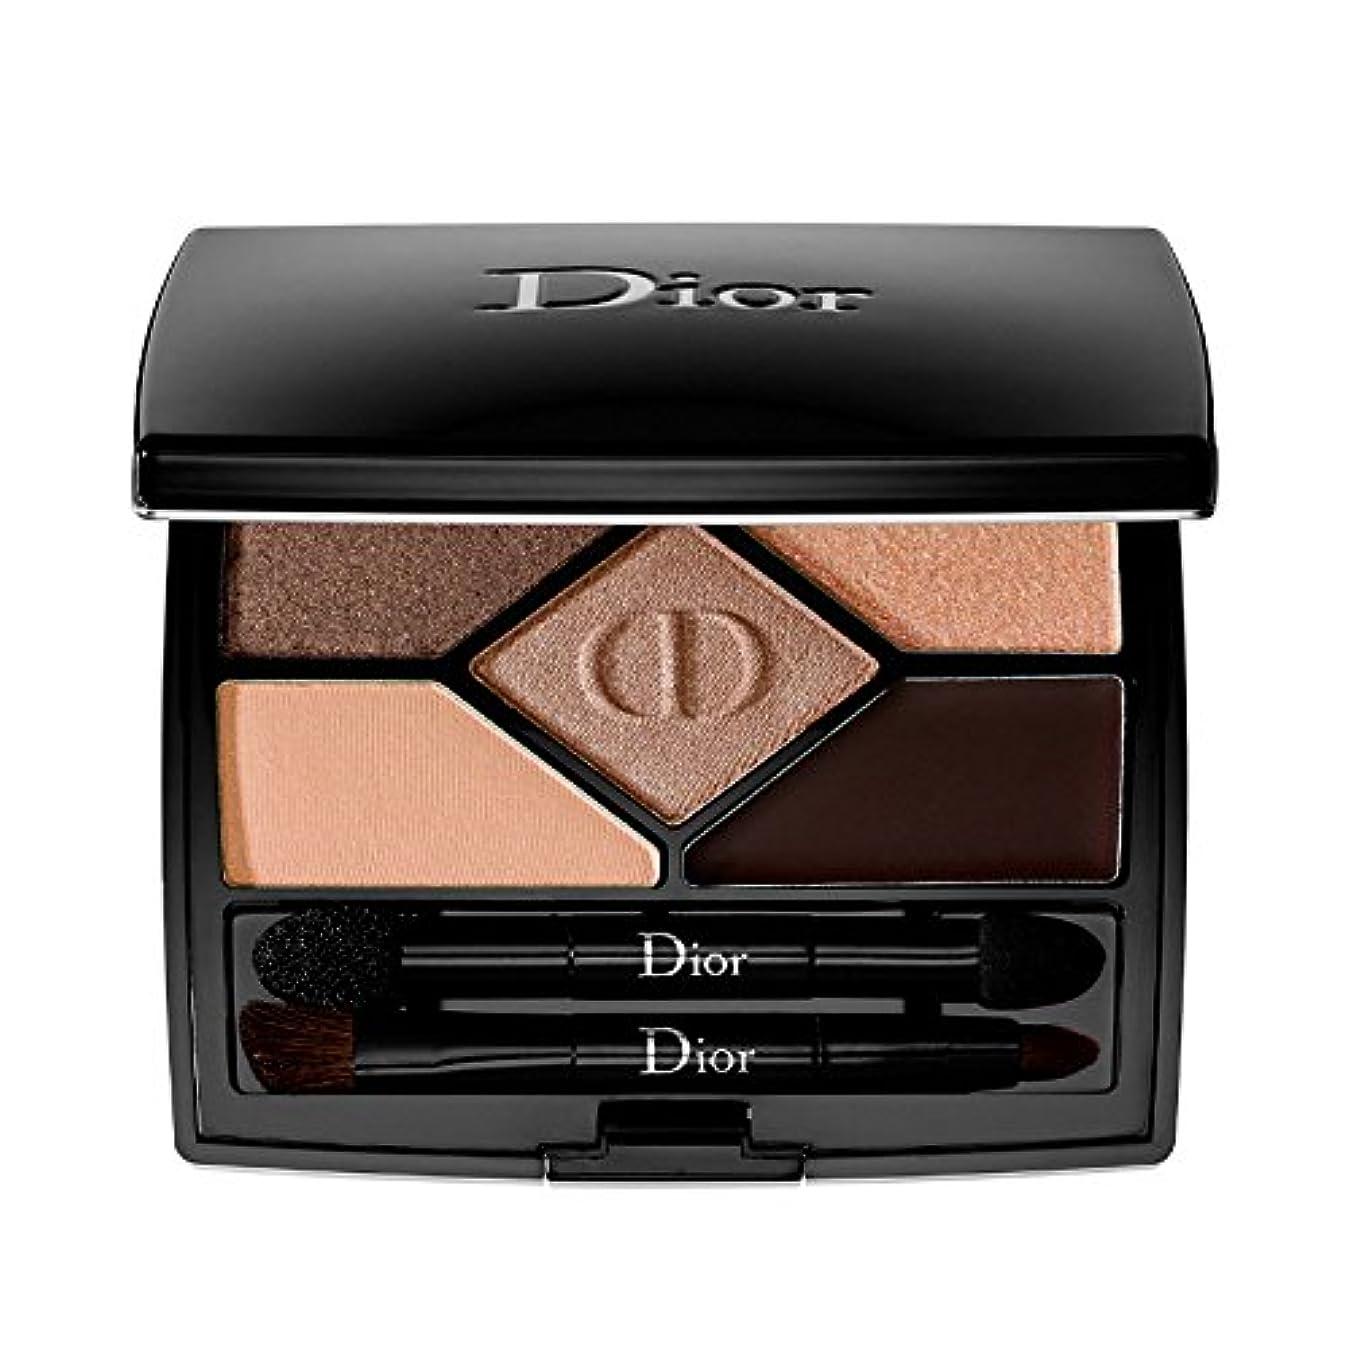 リール特性多様体クリスチャン ディオール(Christian Dior) サンク クルール デザイナー #708 アンバー デザイン 5.7g[並行輸入品]